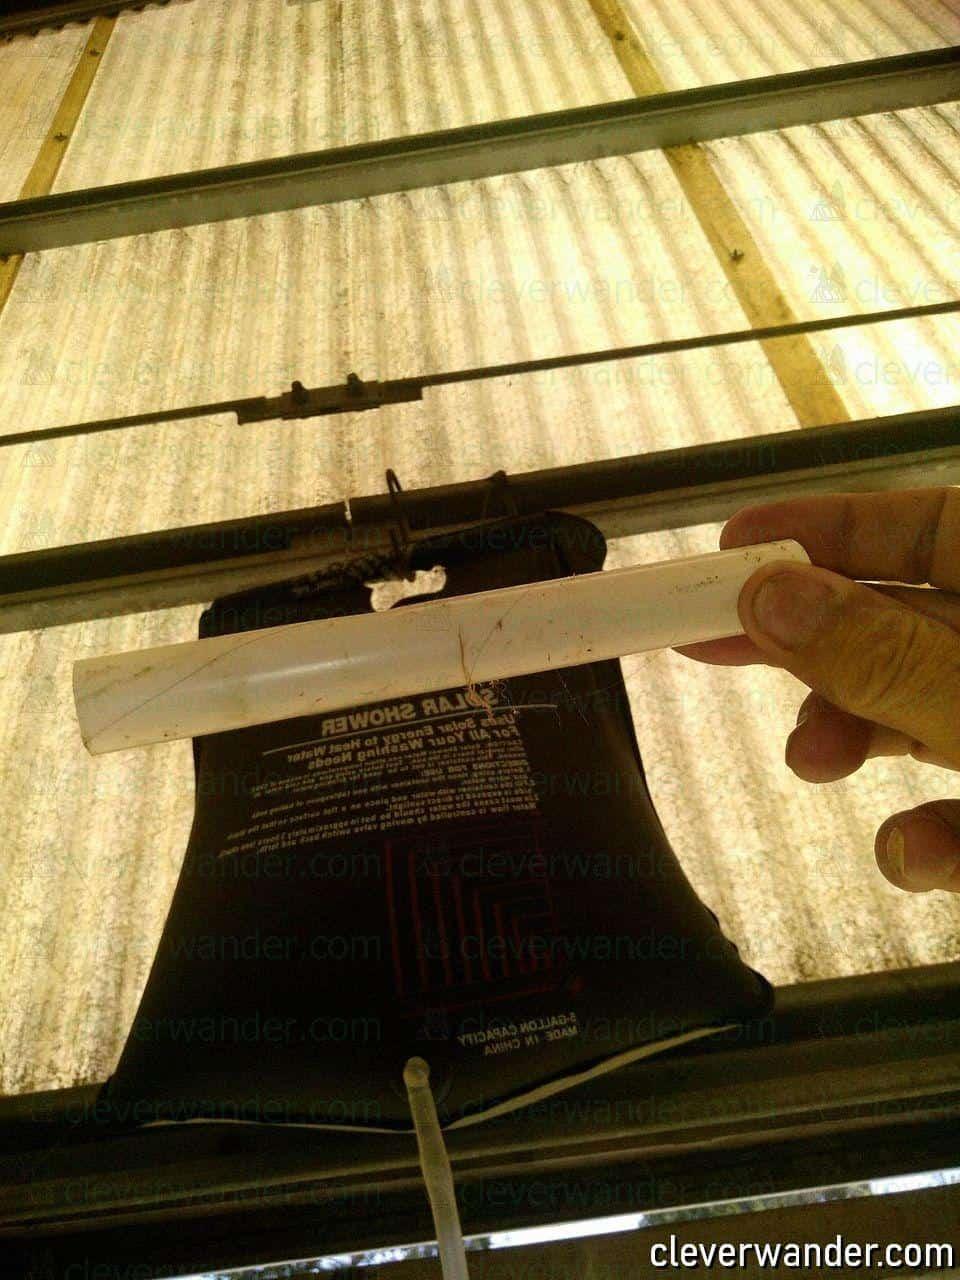 Coleman Gallon Solar Shower - image review 3